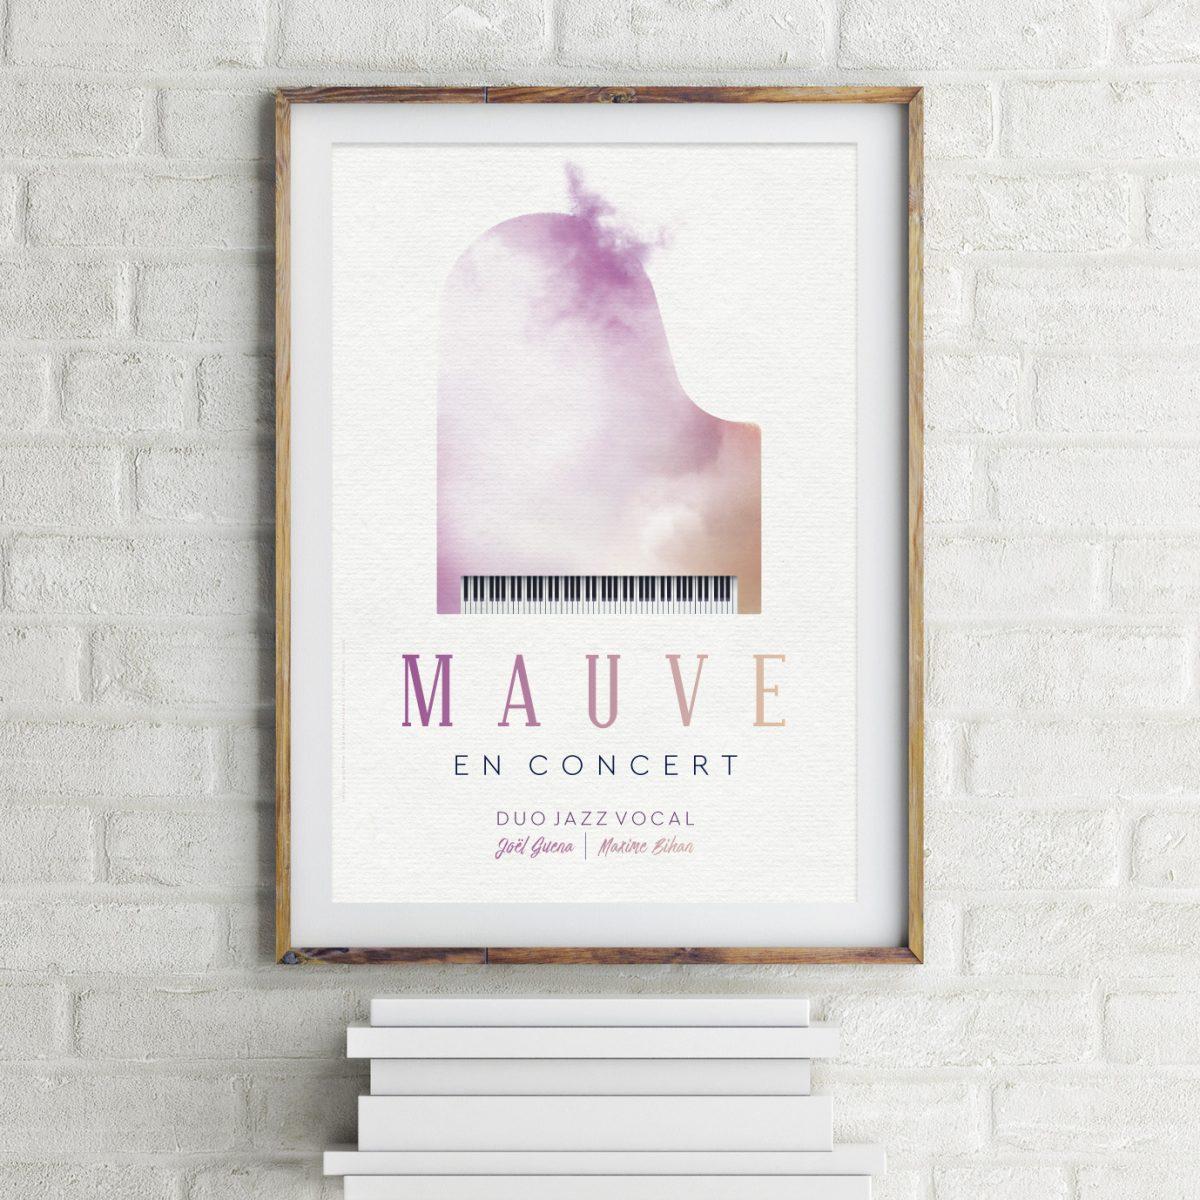 mauve_affiche